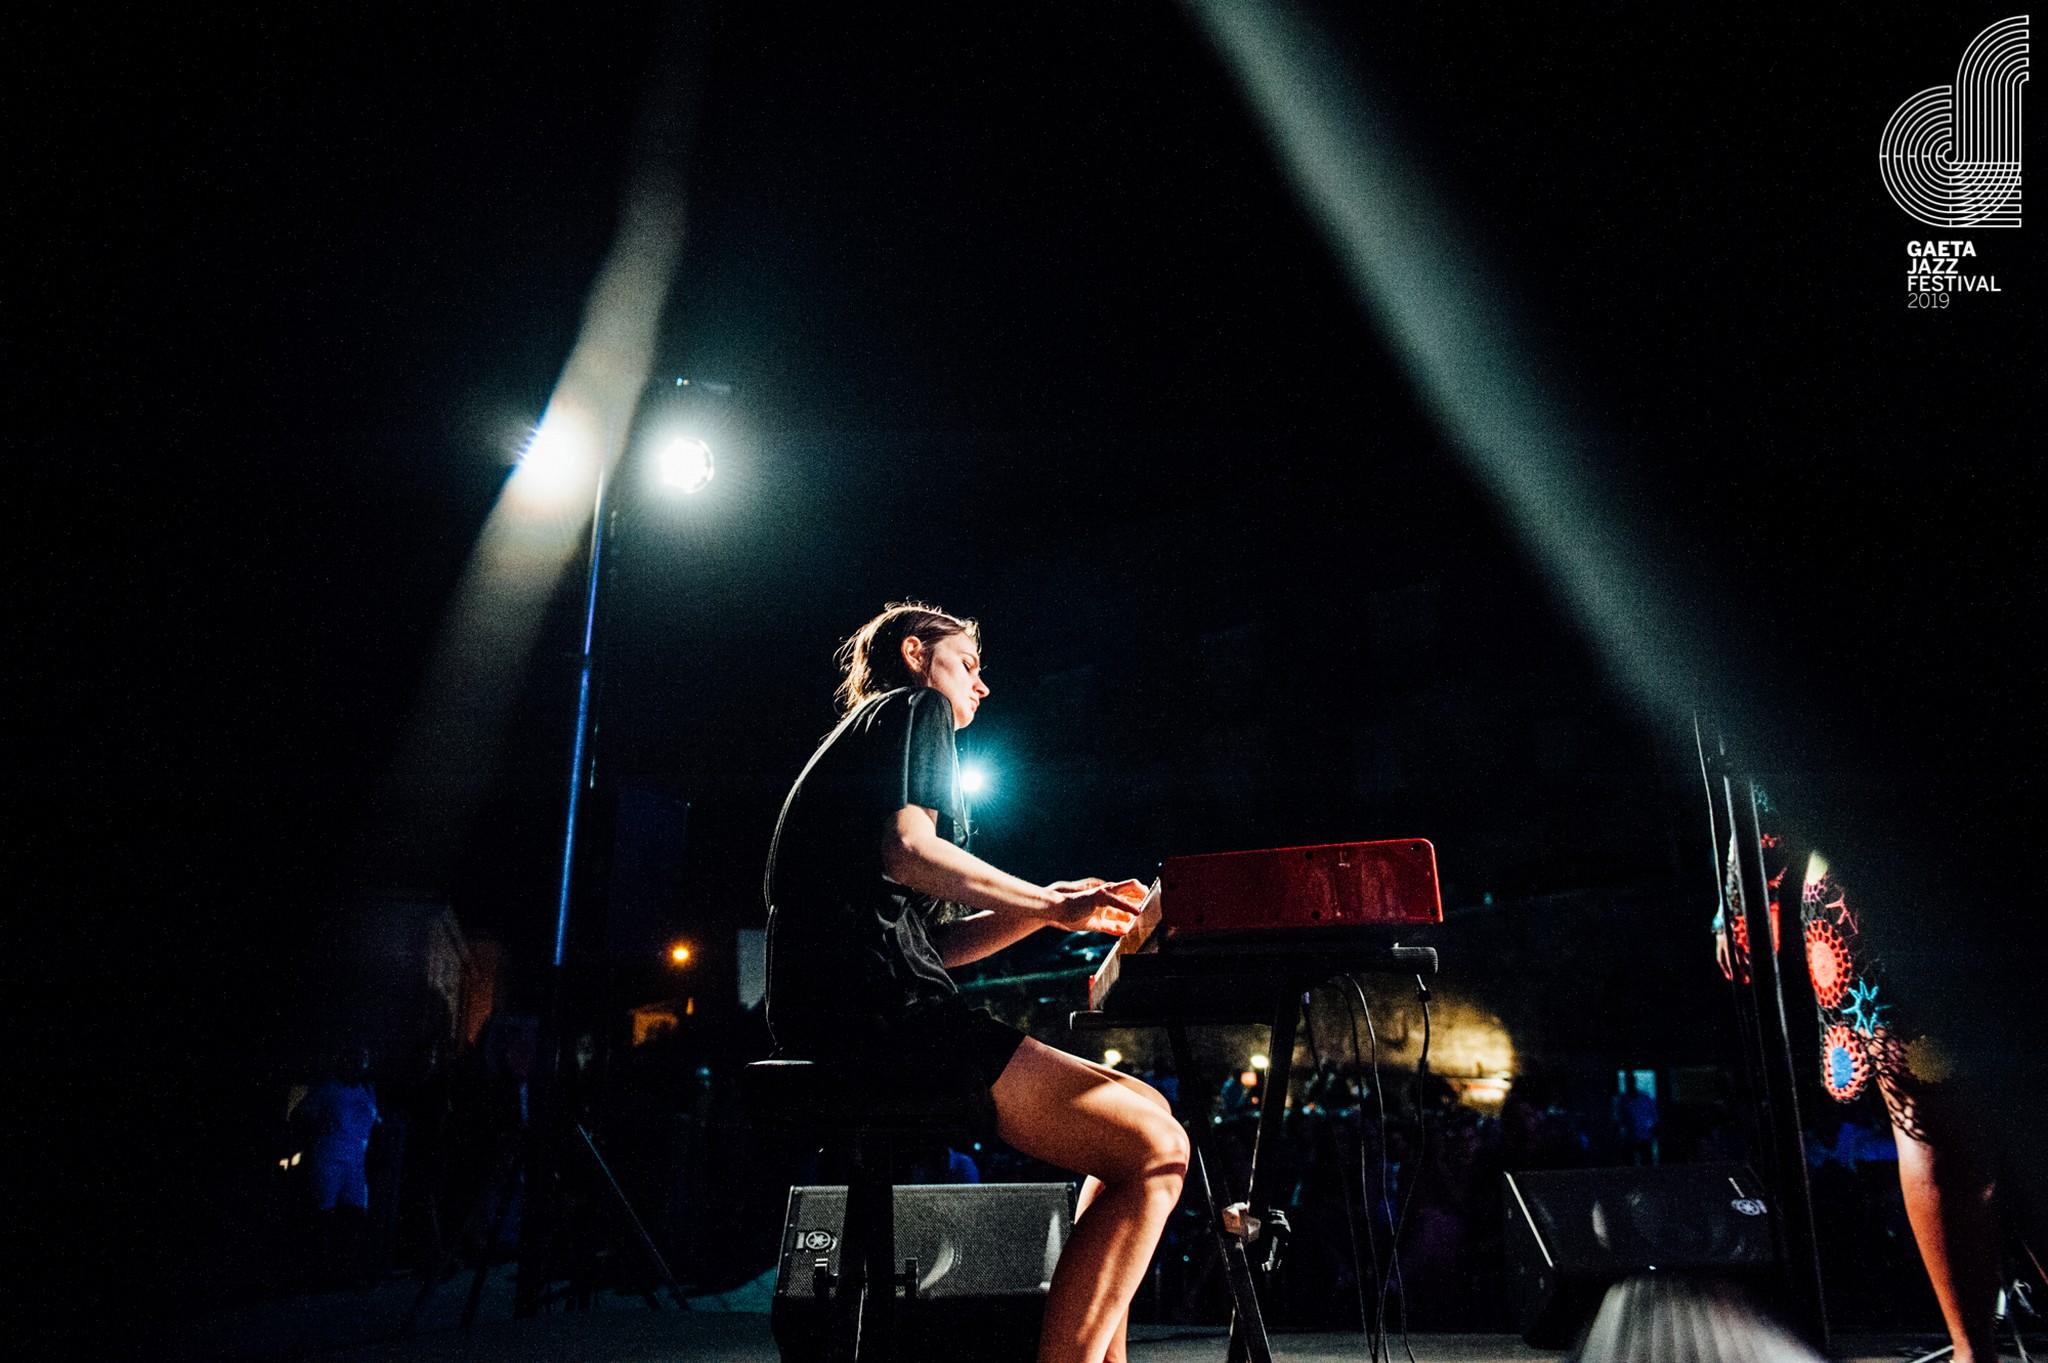 Flavia_Fiengo_Gaeta_Jazz_Festival_live_2019__00010